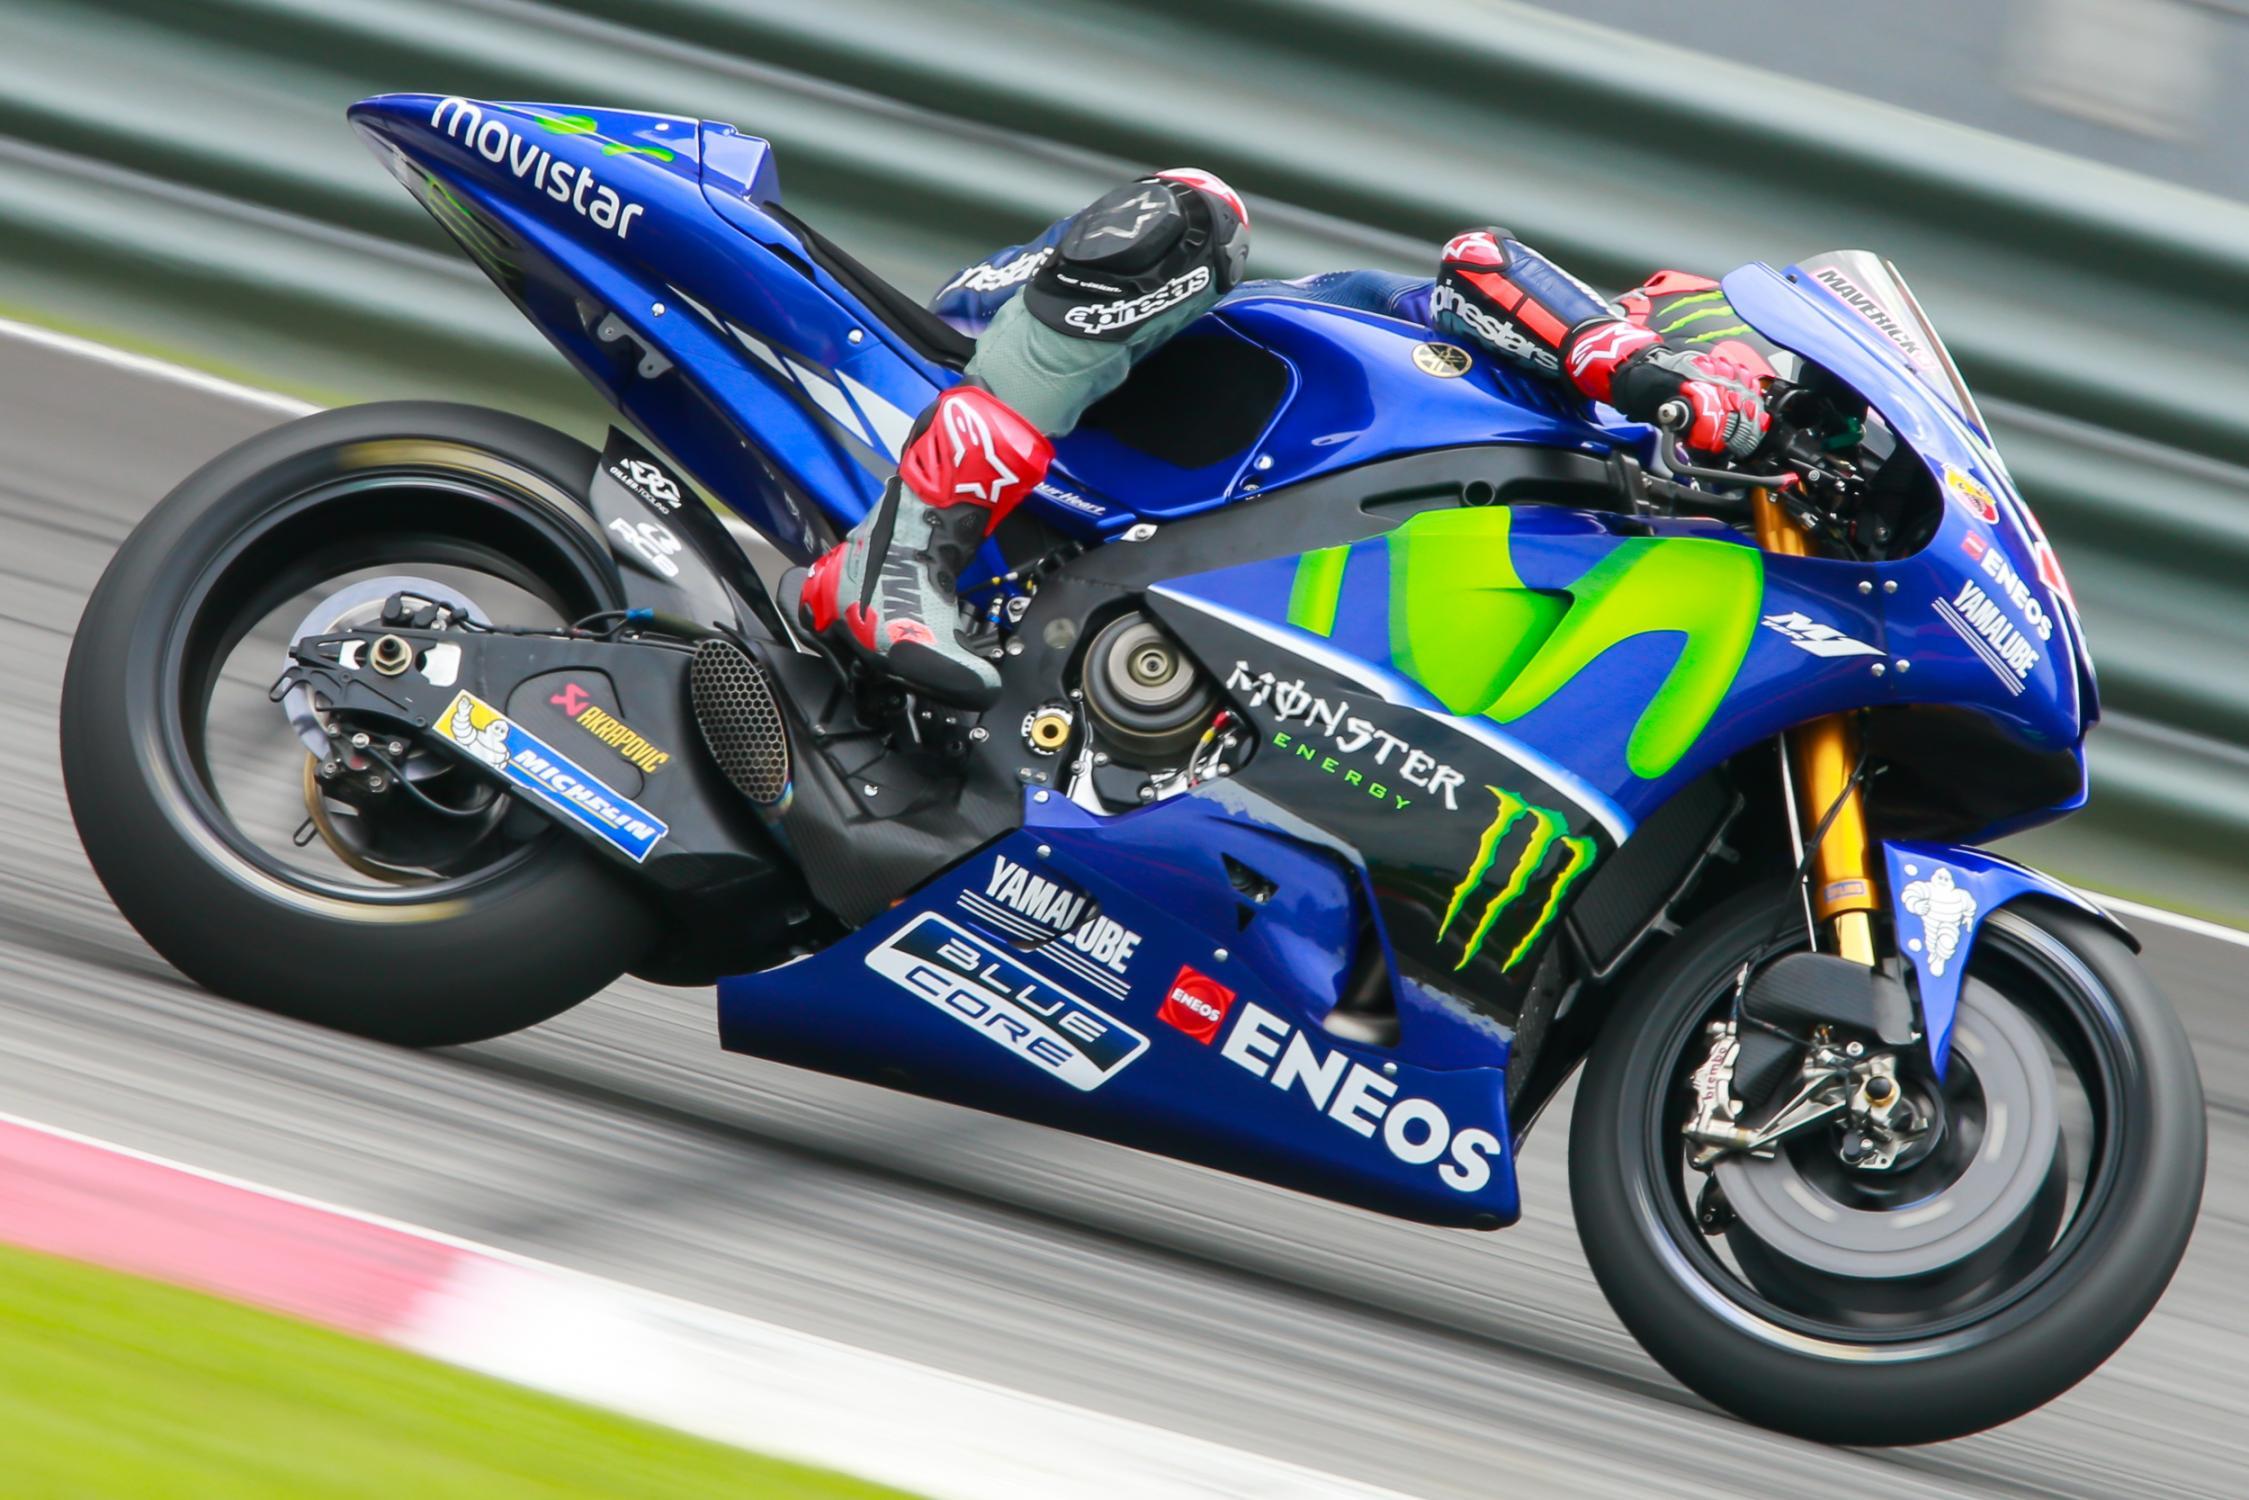 [MotoGP] Test Sepang 25-maverick-vinales-esp_gp_0034.gallery_full_top_fullscreen